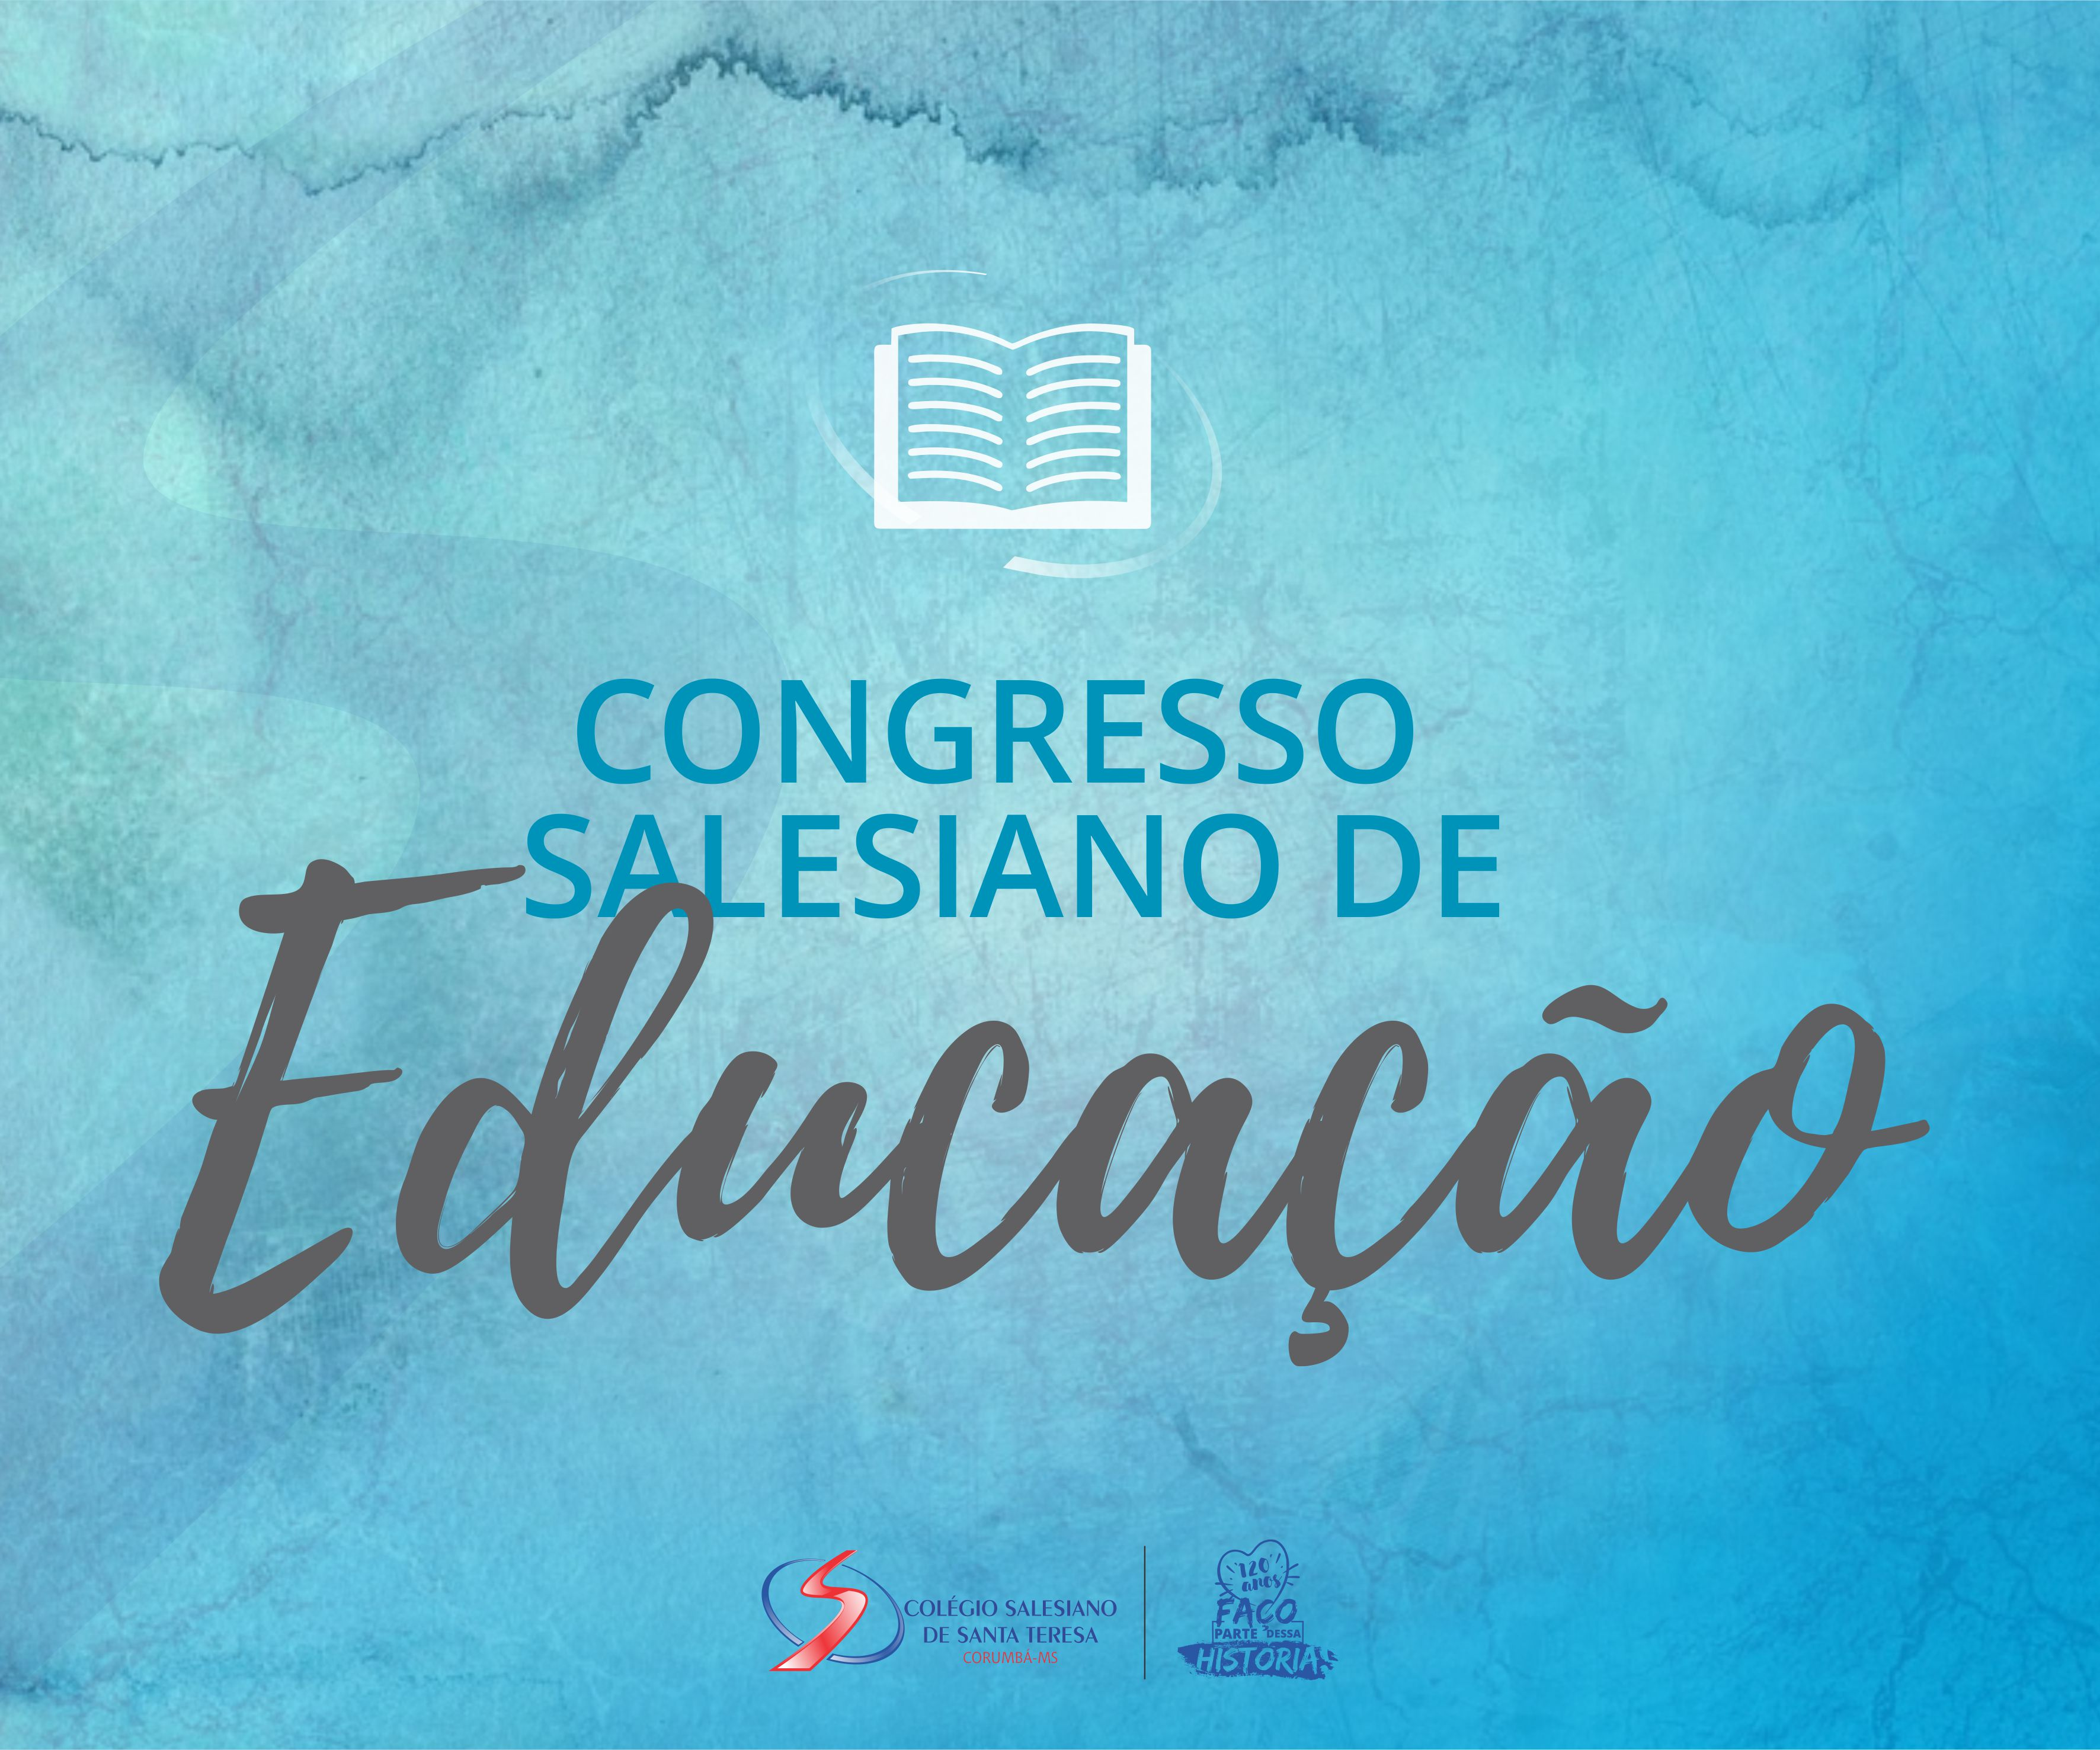 Congresso_se